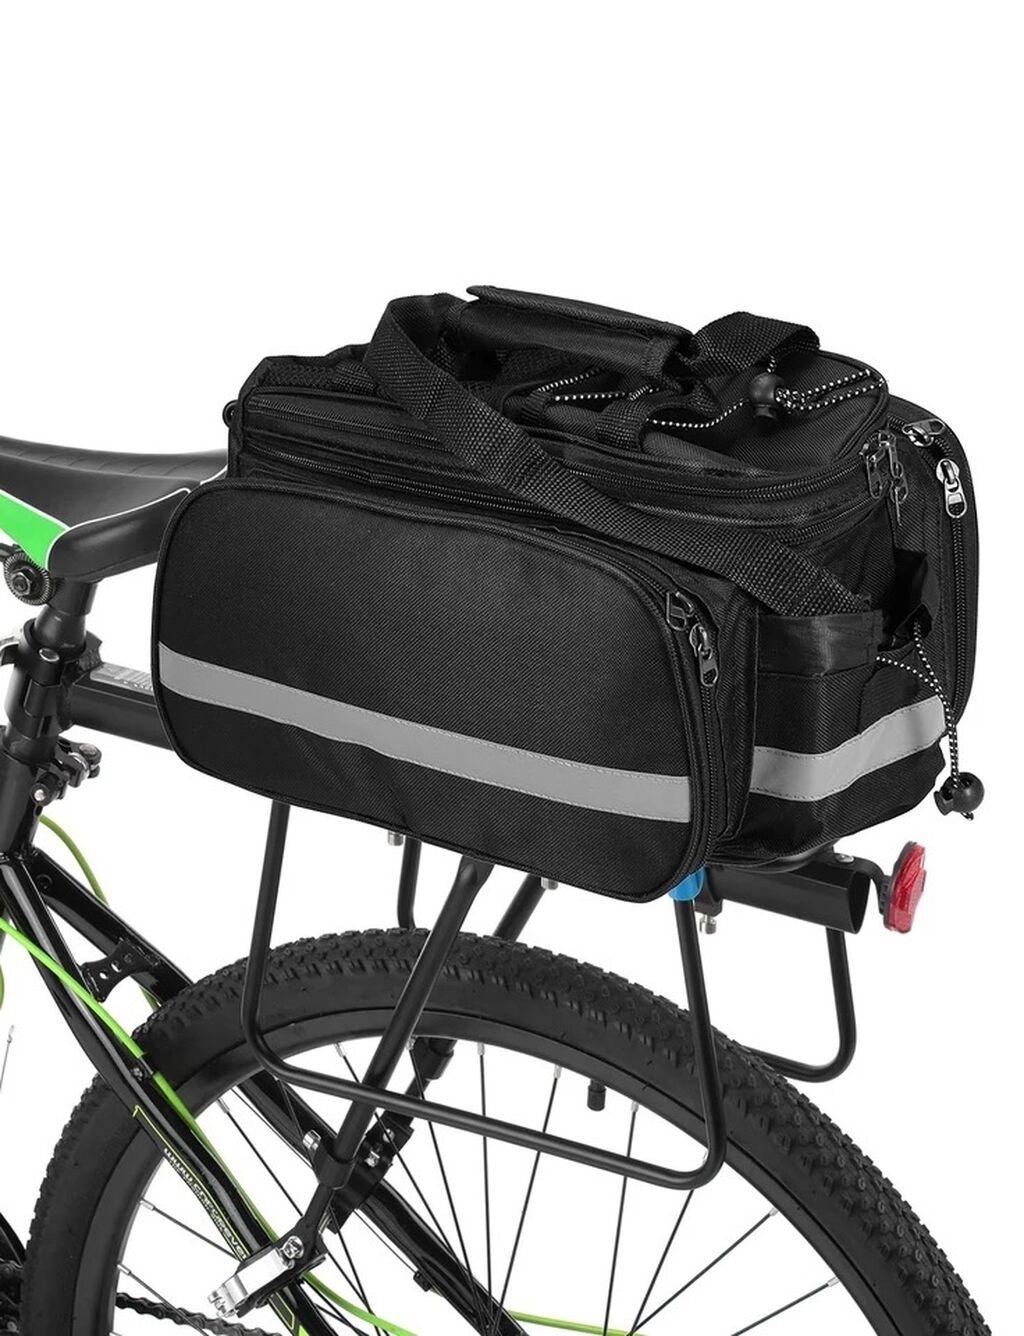 Велосипеды, велоаксессуары, велокамера, шлемы, велозапчасти, велошлем: Велосипеды, велоаксессуары, велокамера, шлемы, велозапчасти, велошлем,